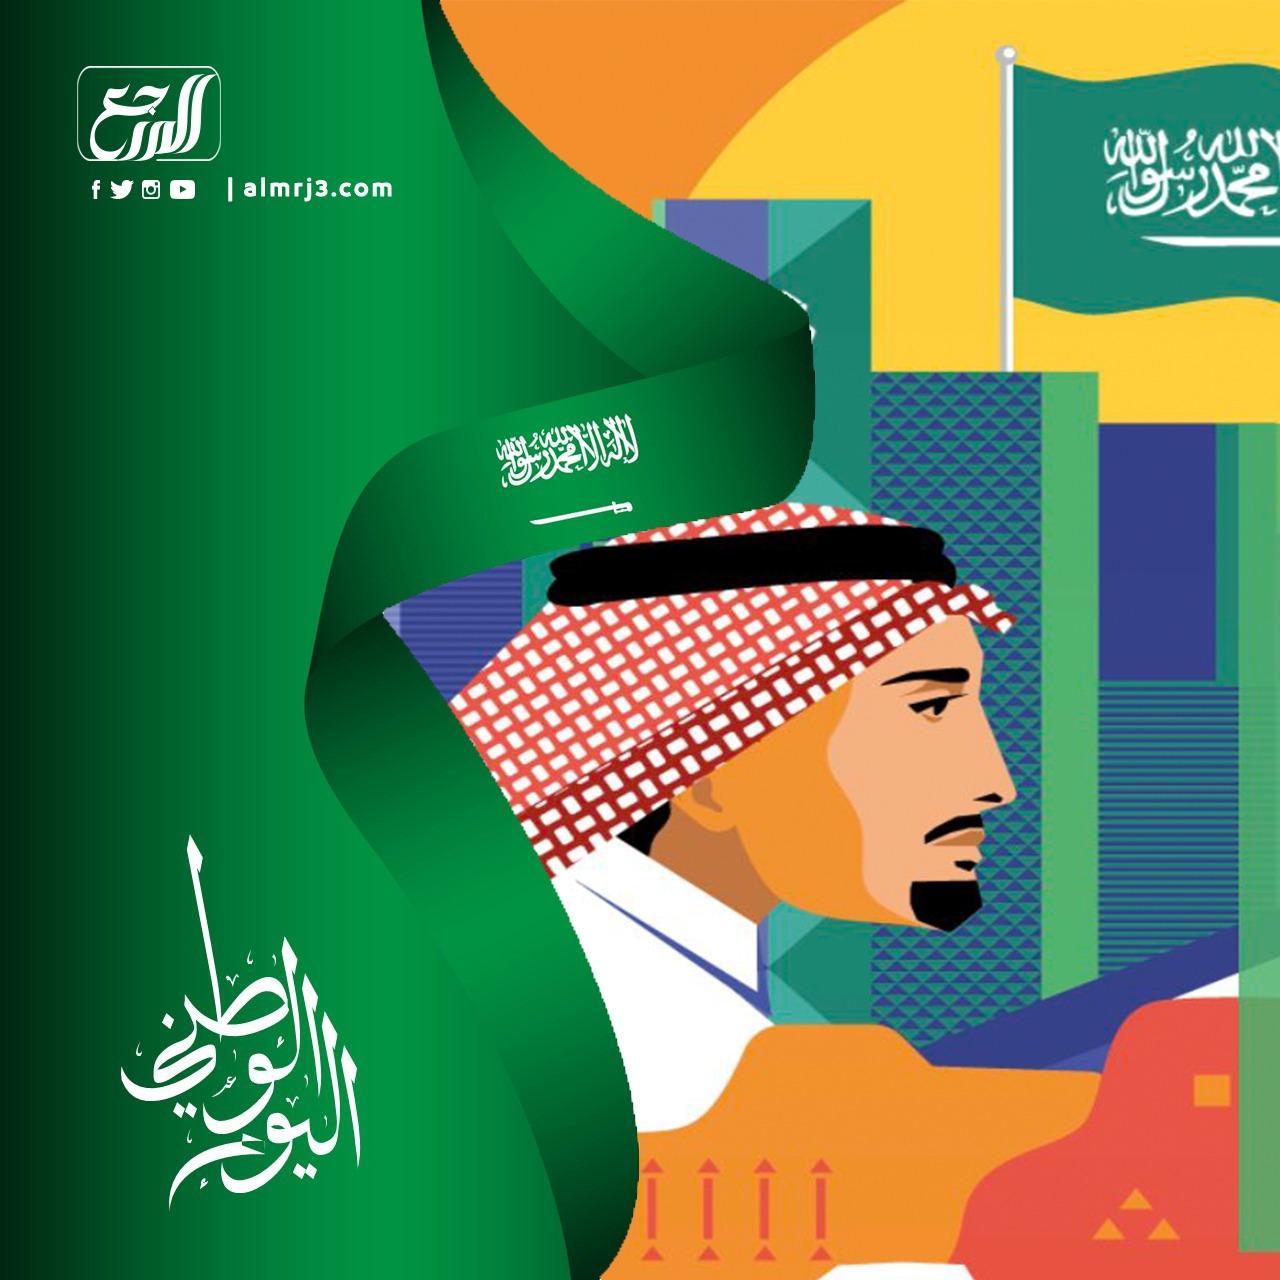 حول اليوم الوطني 91 في السعودية